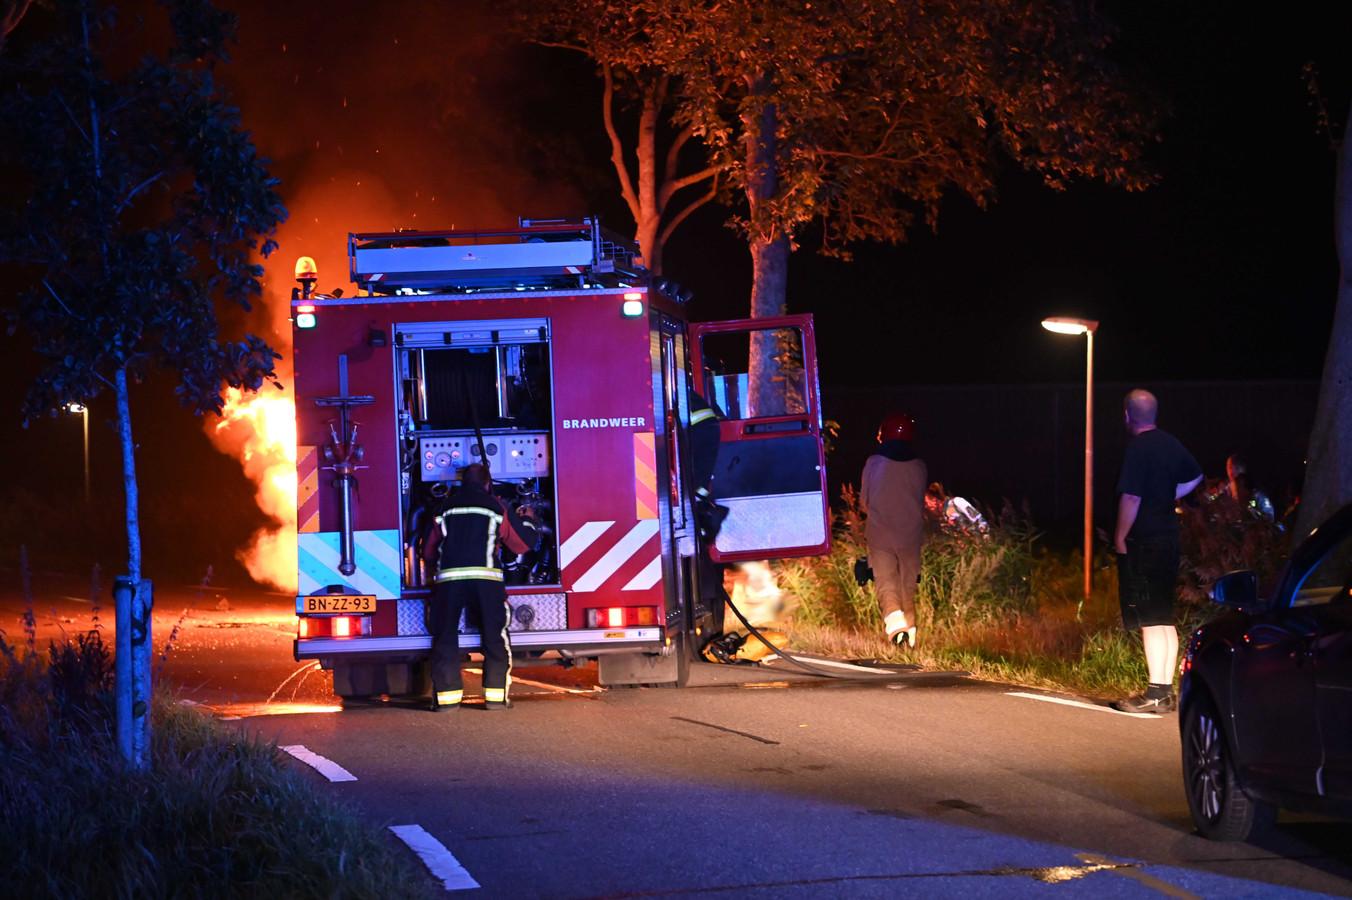 De brandweer blust een brandende auto.